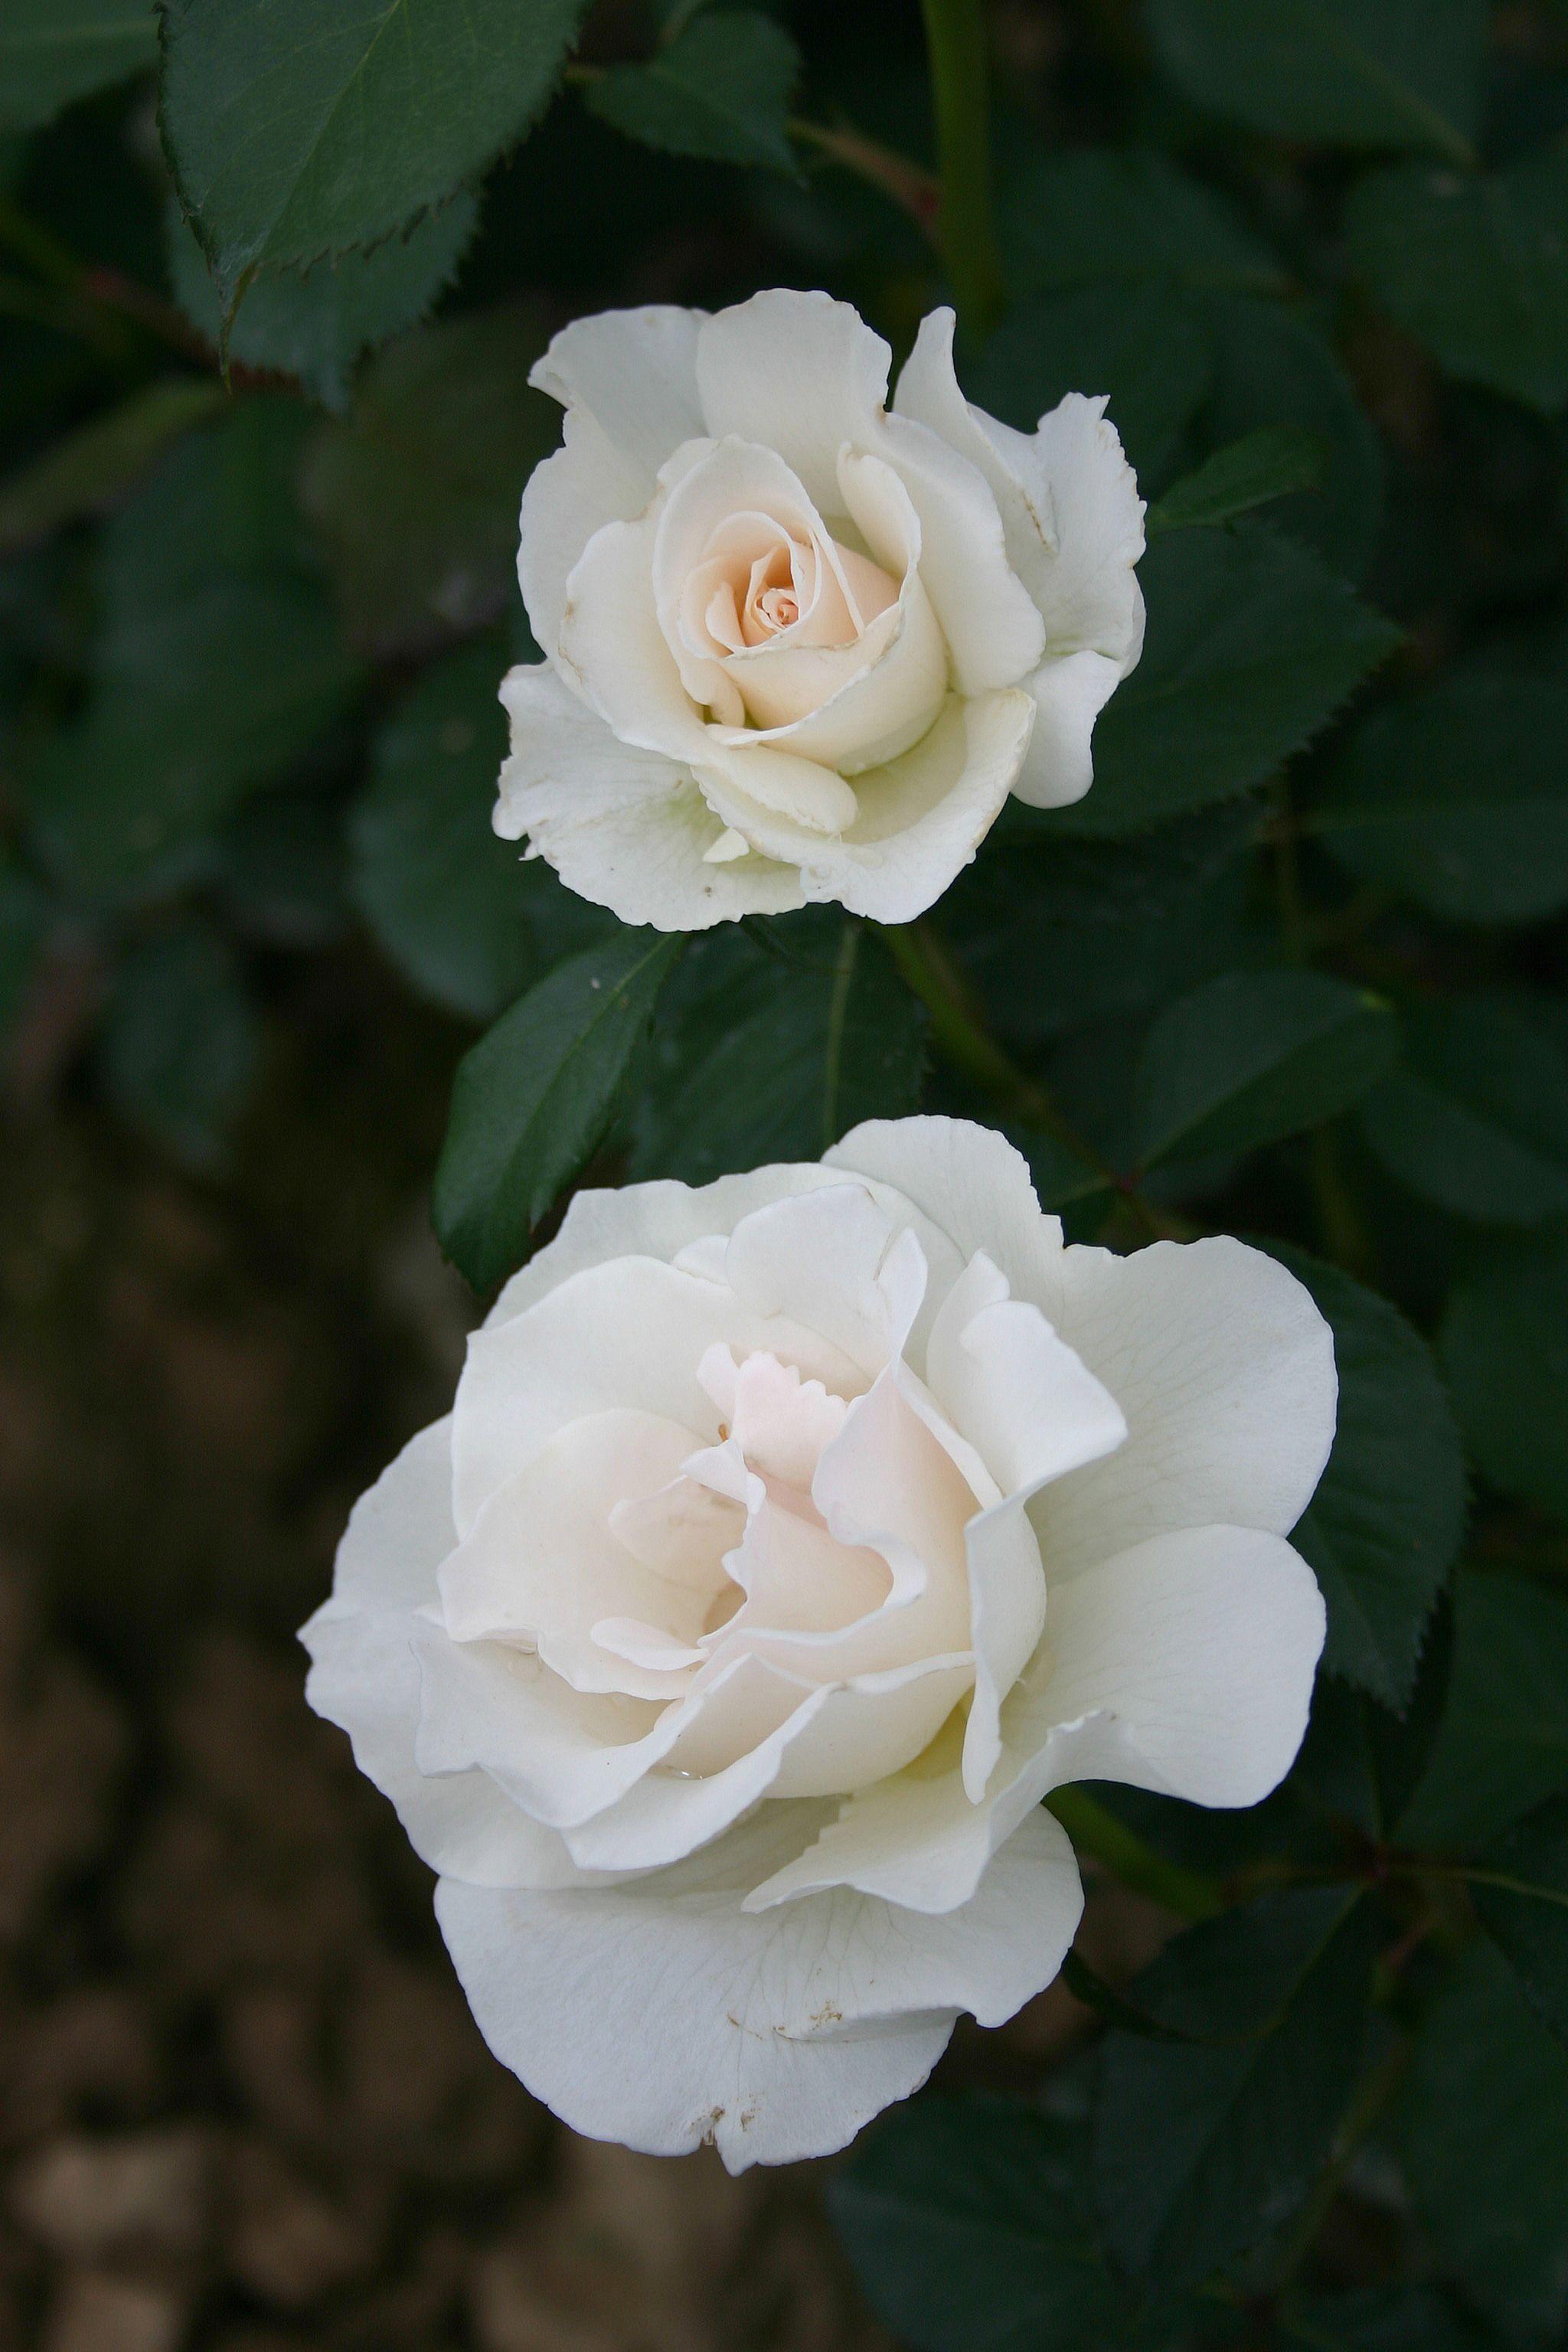 Rosa floribunda 'Margaret Merril' (Harkness, 1977)